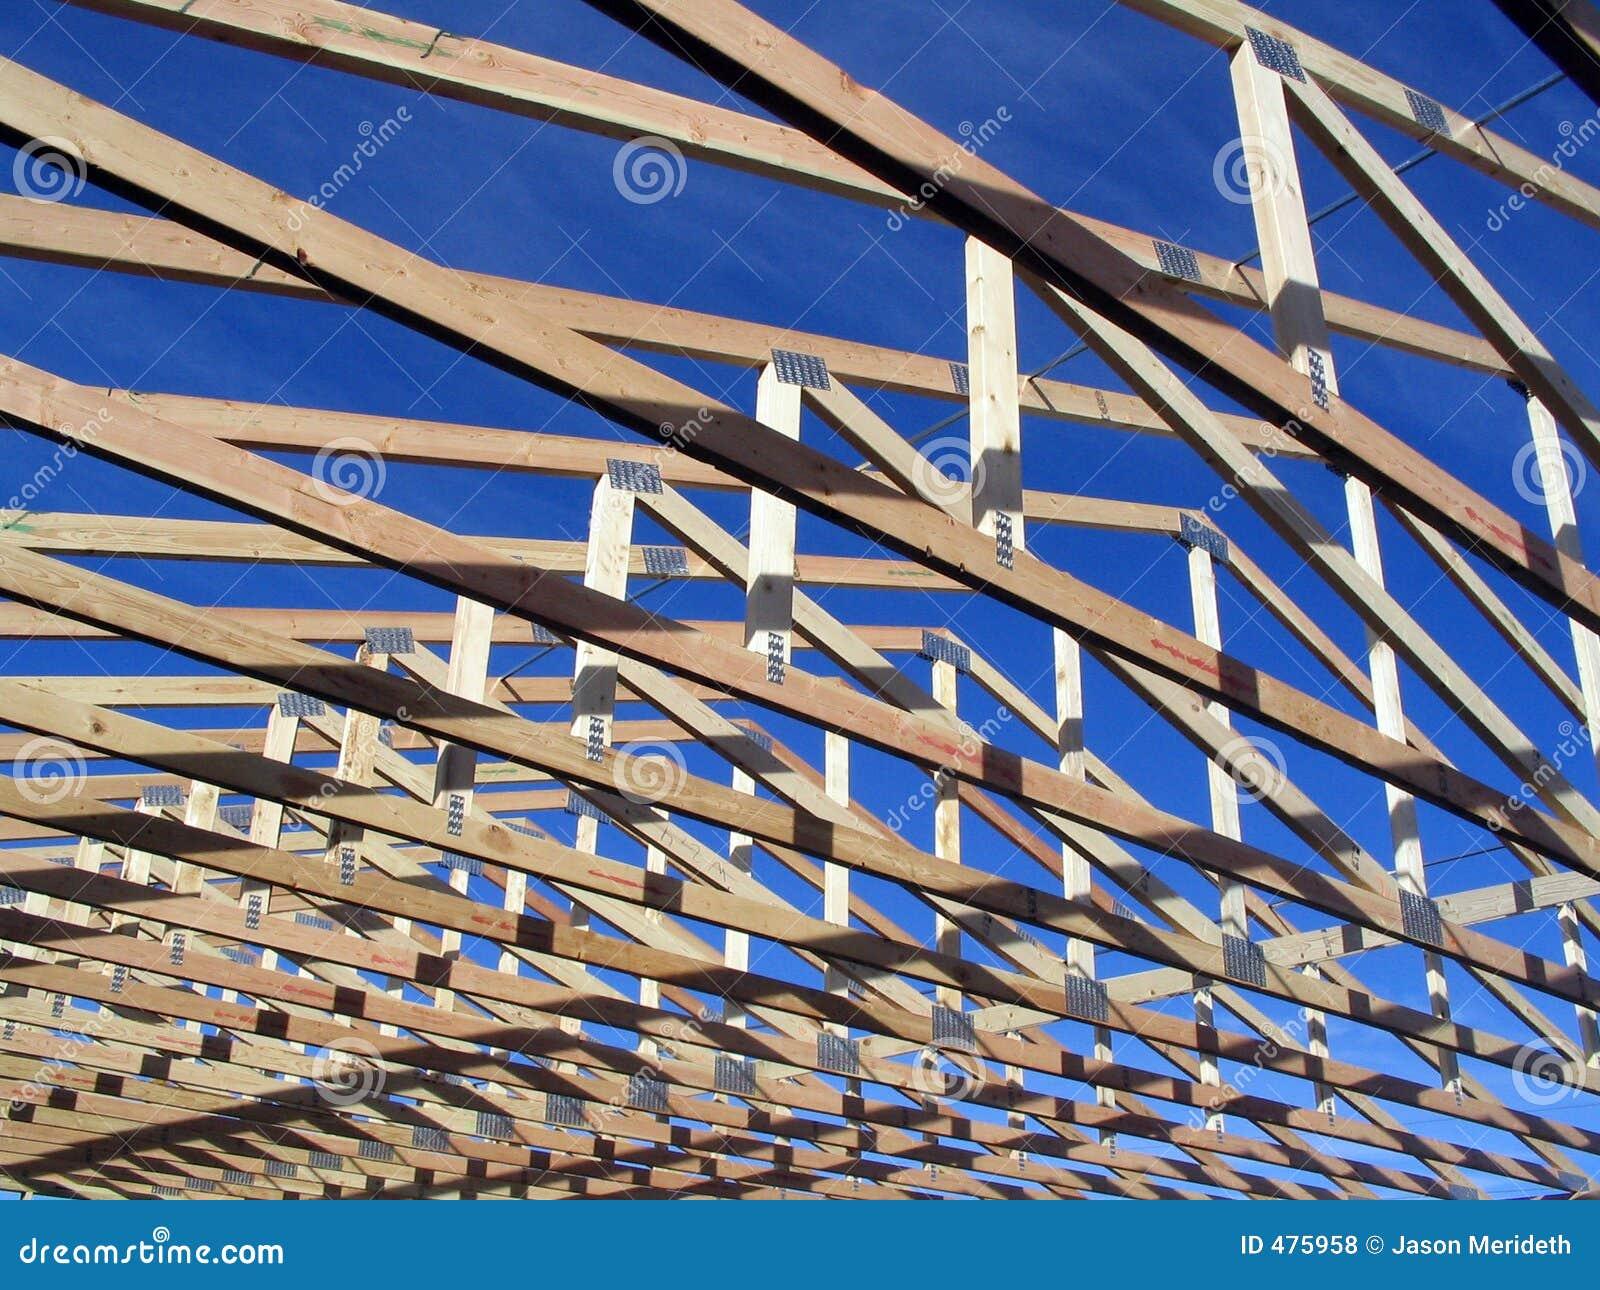 Bottes pendant la construction sur une maison